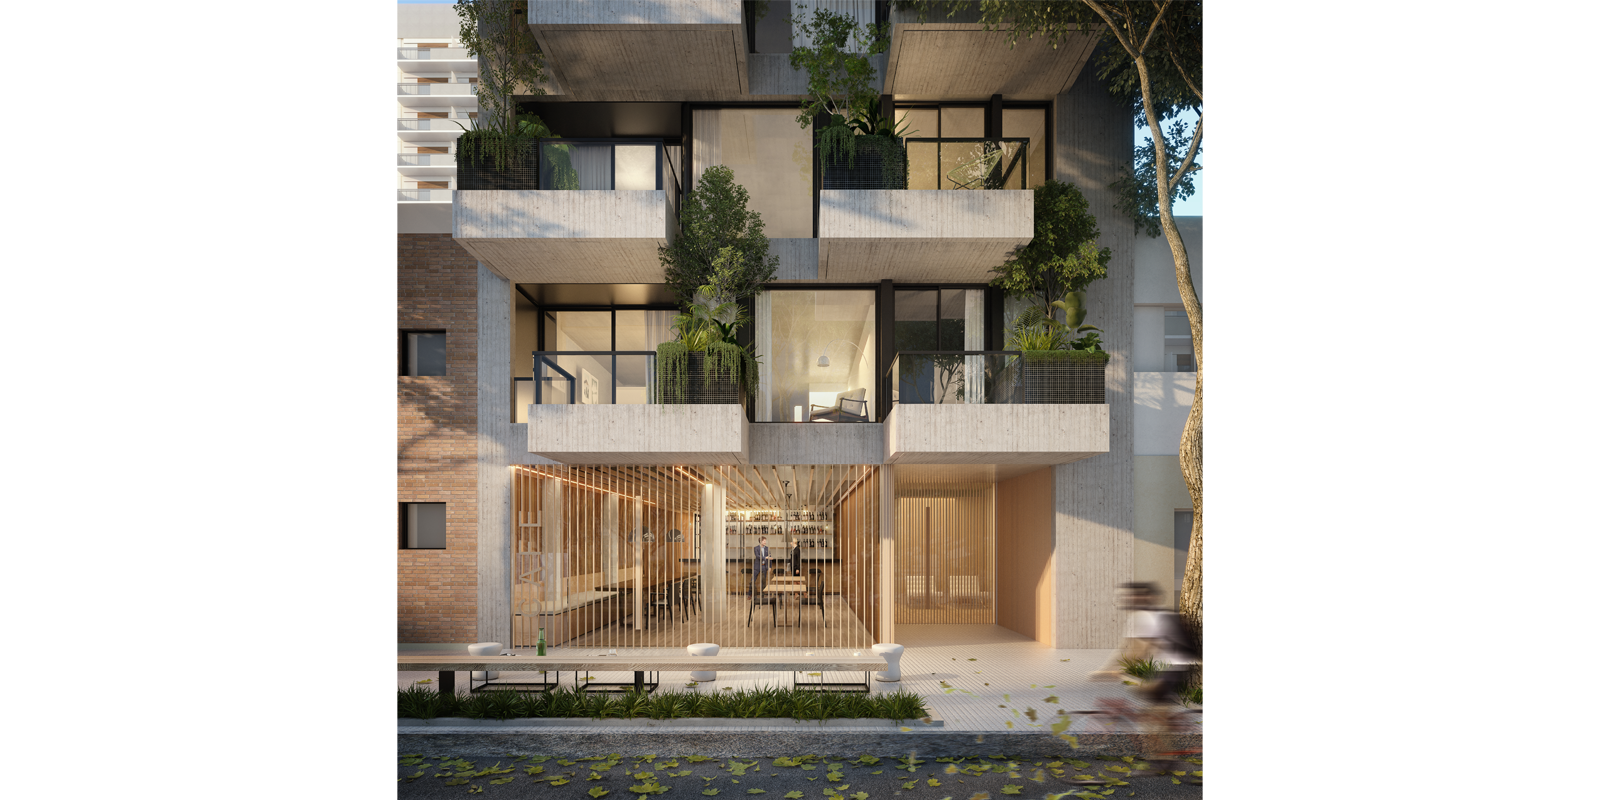 ProyectoC_Arquitectos_Portfolio_02_RH